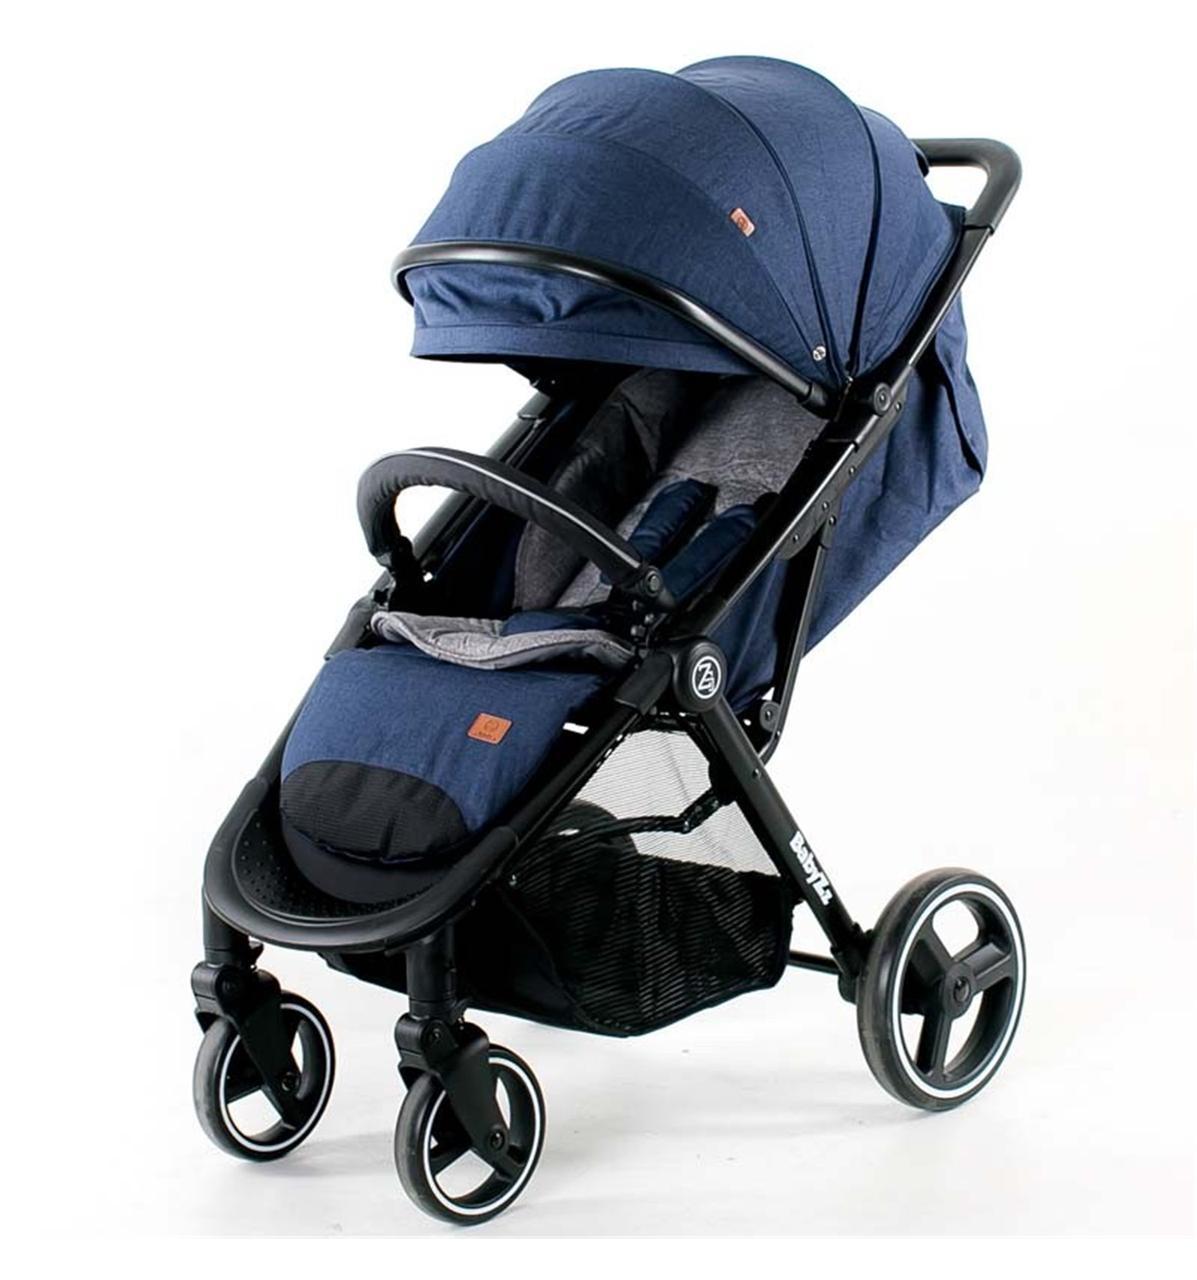 Детская прогулочная коляска BABYZZ B100. Доставка бесплатная